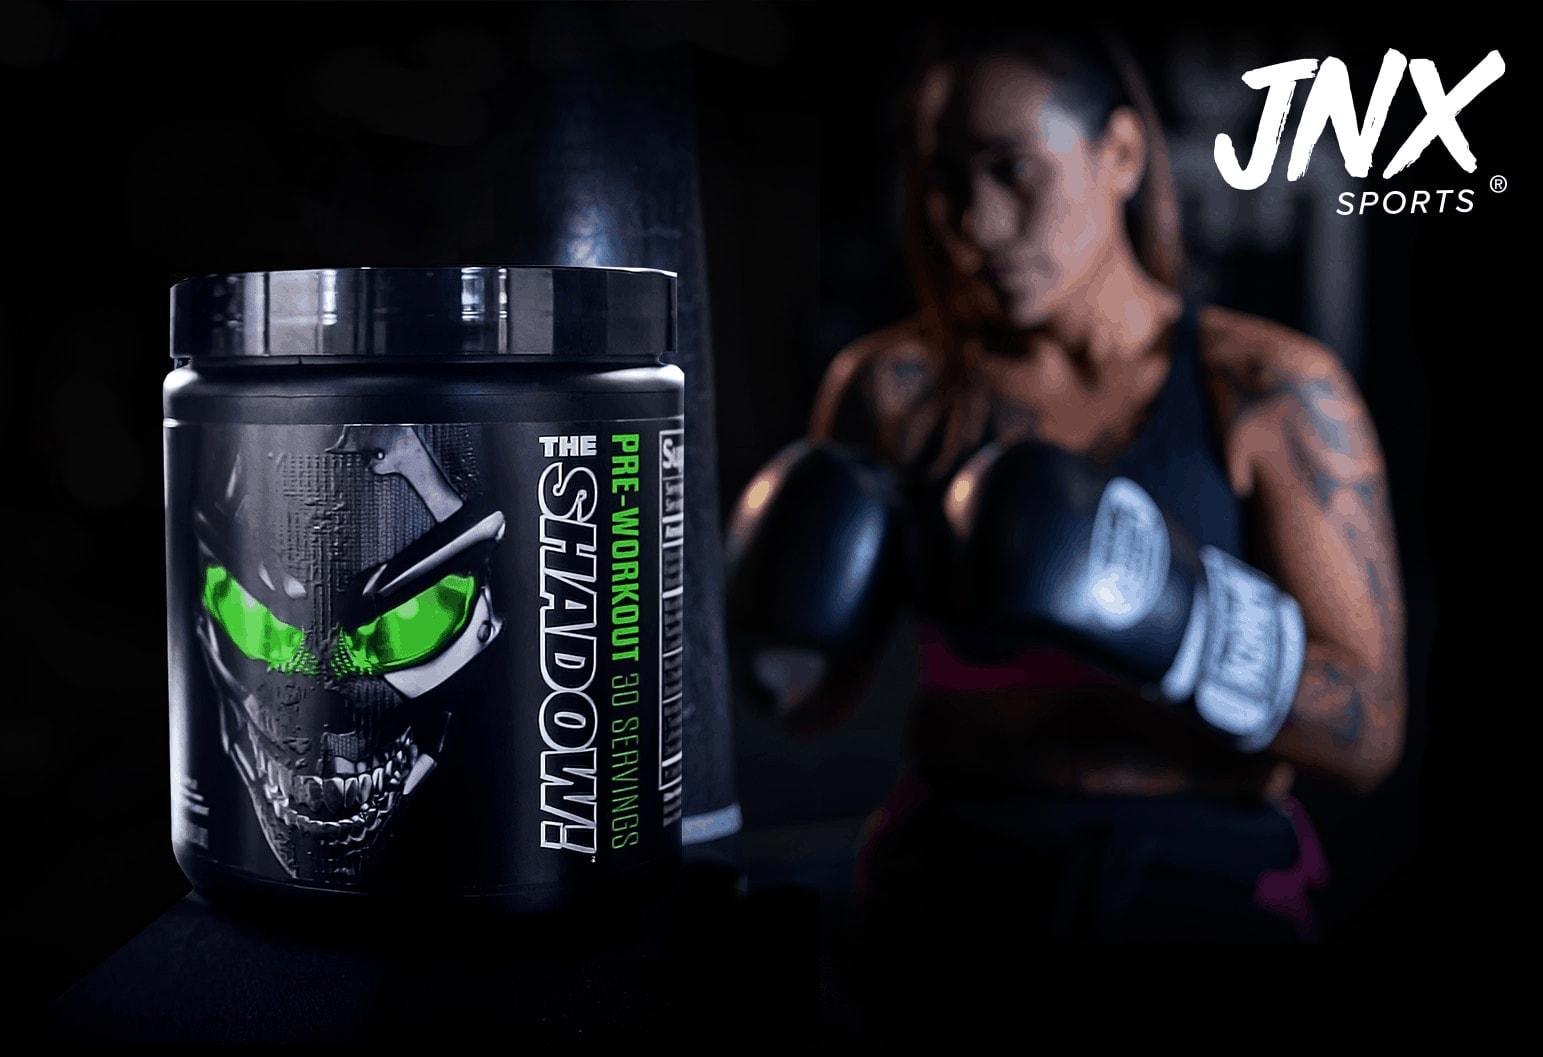 JNX Sports - The Shadow (30 lần dùng) - fekpuoak9nksgfmdtvzwdupl2xo 1